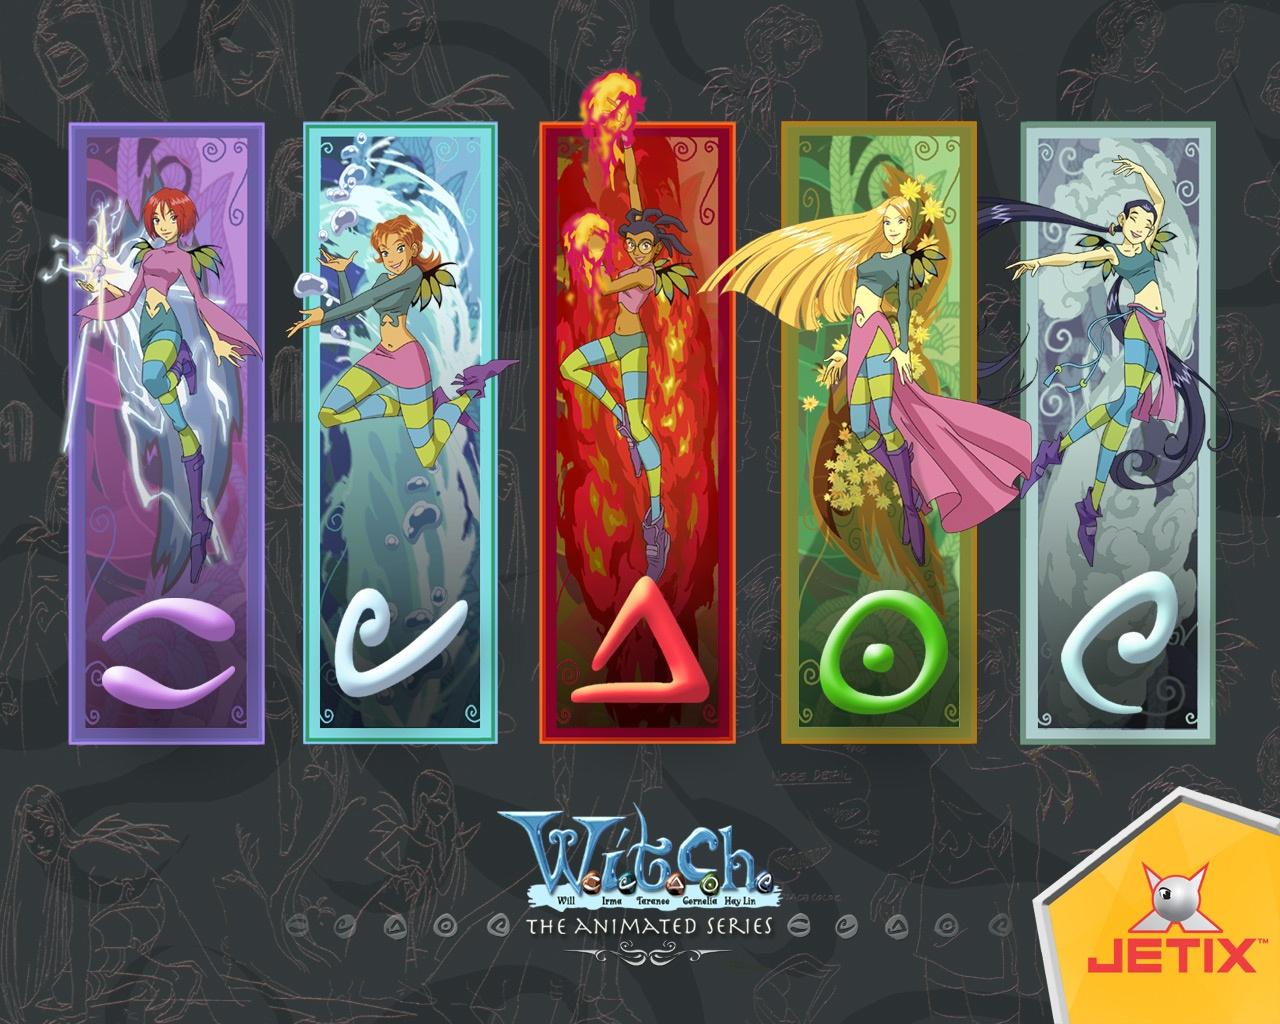 http://www.youloveit.ru/uploads/gallery/main/56/witch-oboi08.jpg